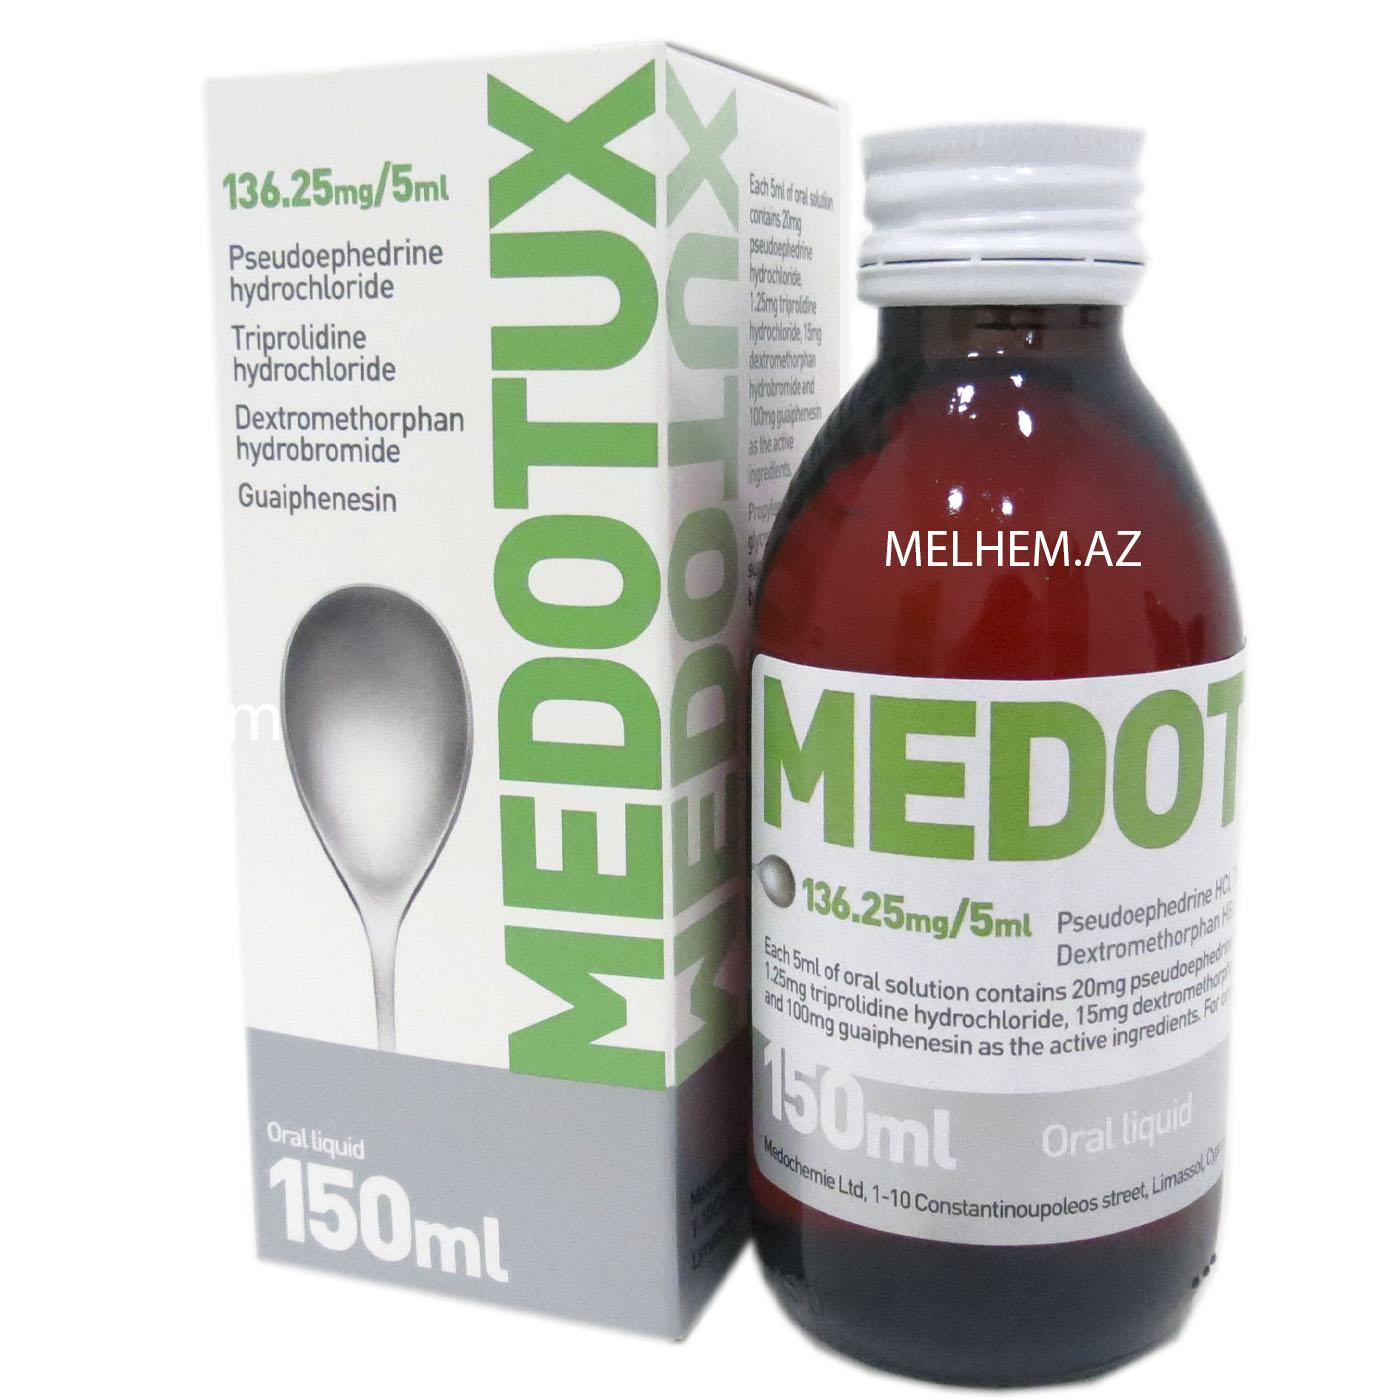 MEDOTUX